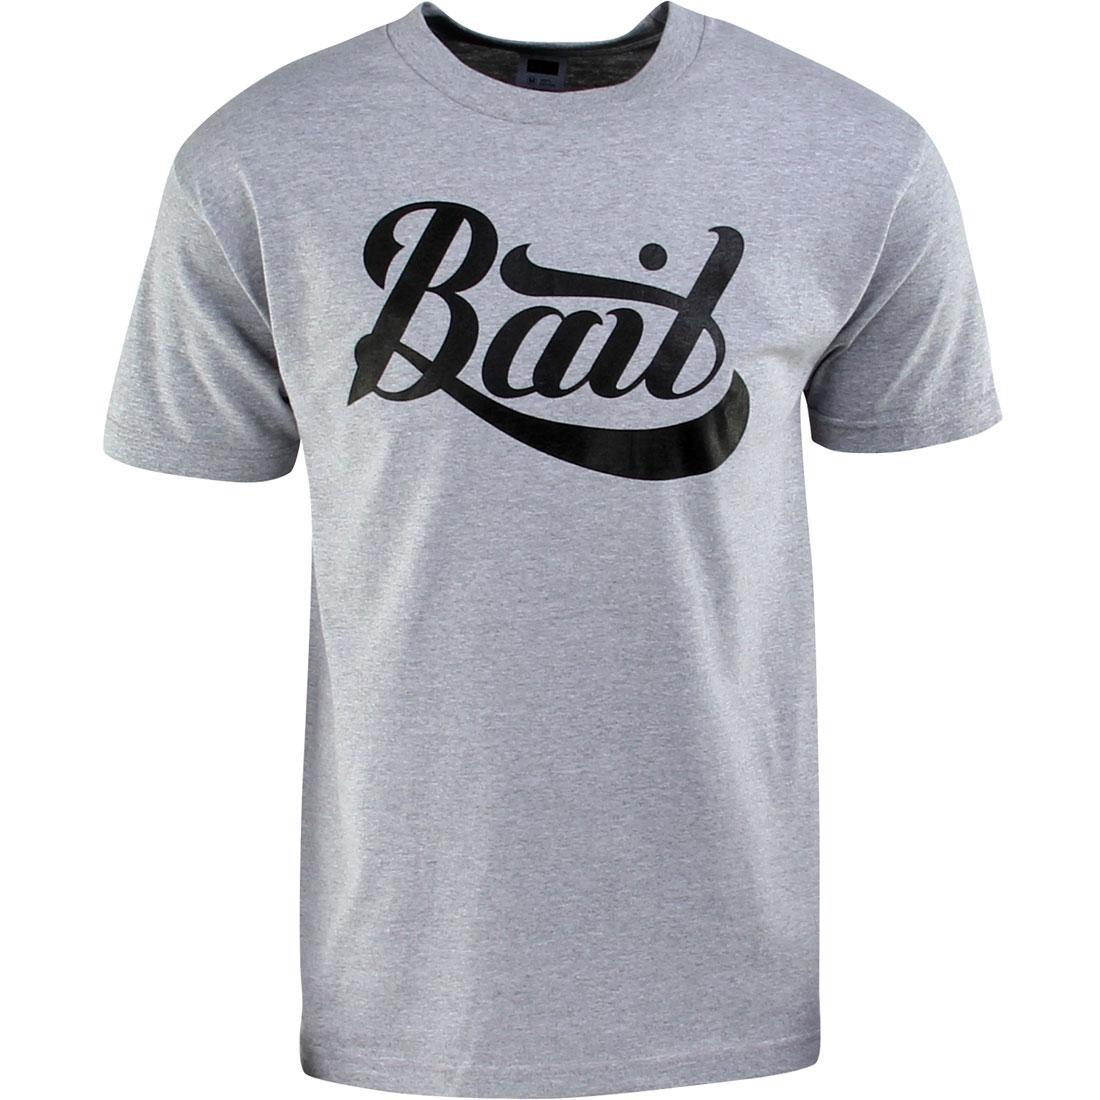 ベイト BAIT スクリプト ロゴ Tシャツ メンズファッション トップス カットソー メンズ 【 Script Logo Tee (heather Grey) 】 Heather Grey